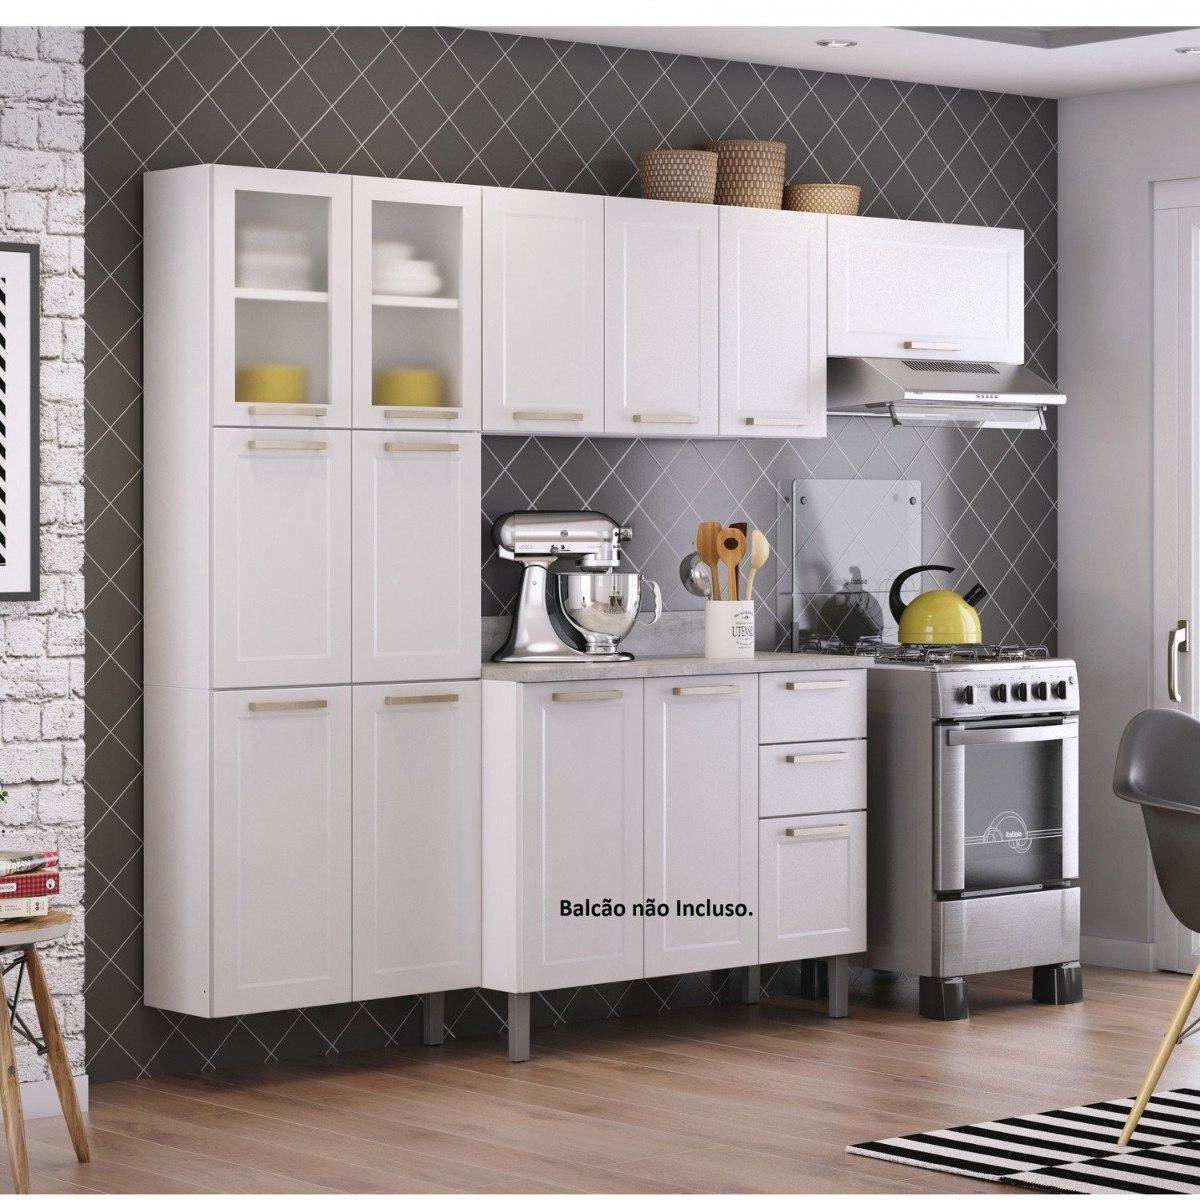 Cozinha Compacta 3 Pe As Sem Balc O 2 Portas Em Eh R 829 90 Em